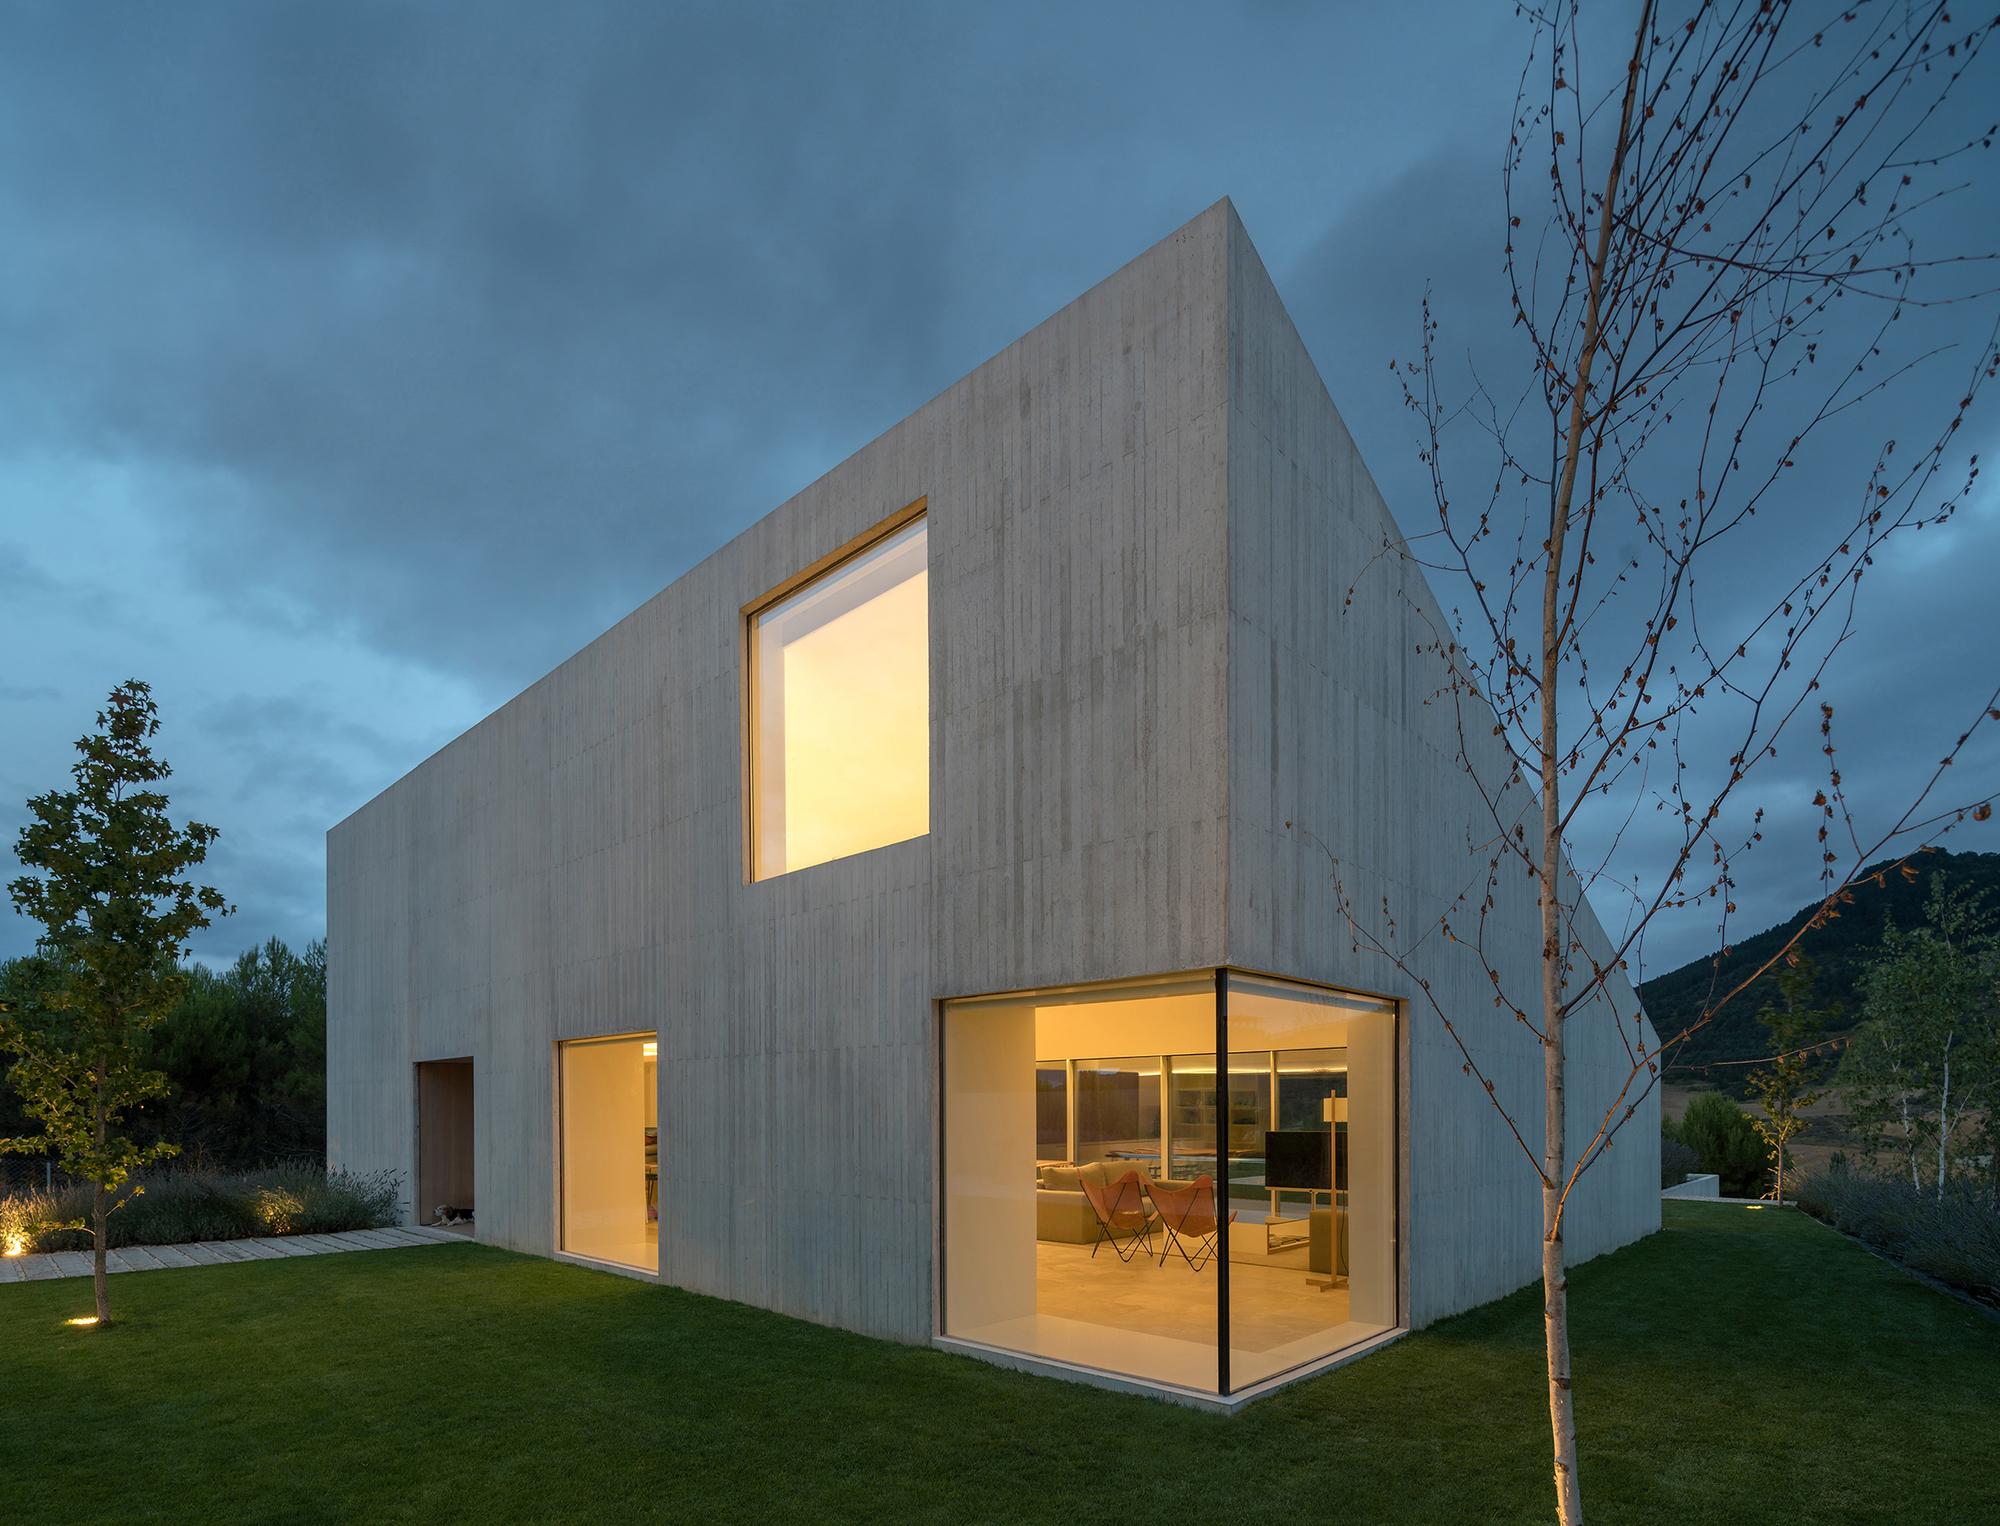 Galer a de vivienda en pamplona pereda p rez arquitectos 15 - Arquitectos en pamplona ...